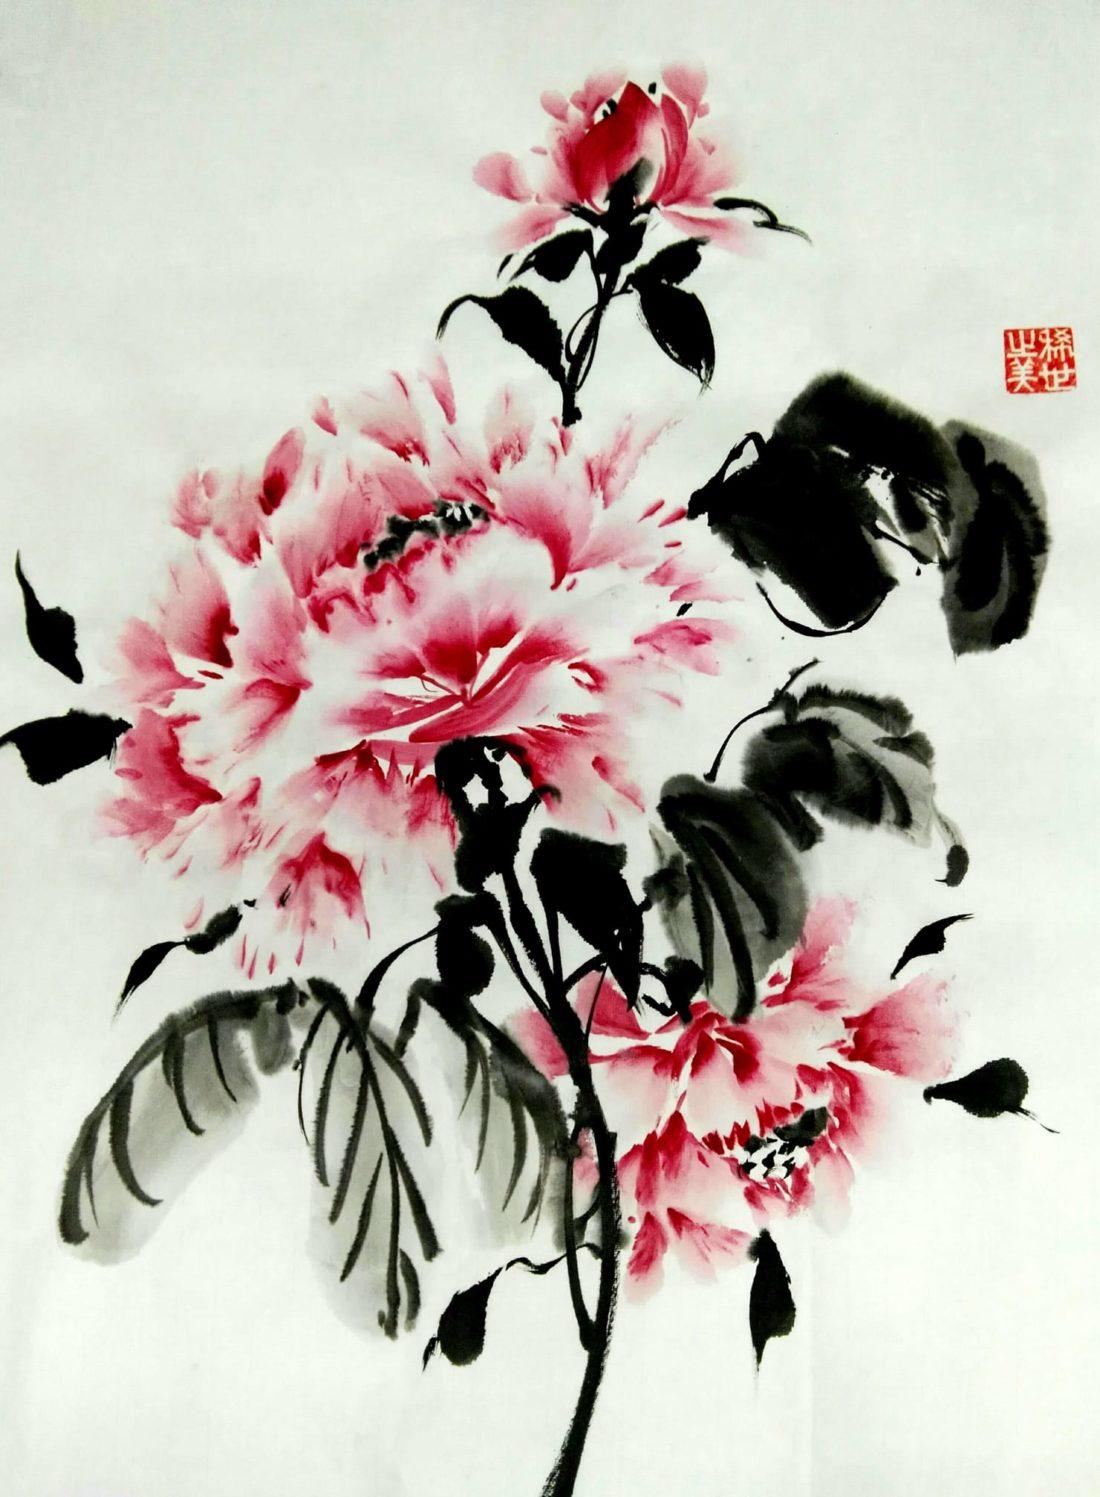 Flor dibujada por Yano Yoro en la técnica del Sumi-e